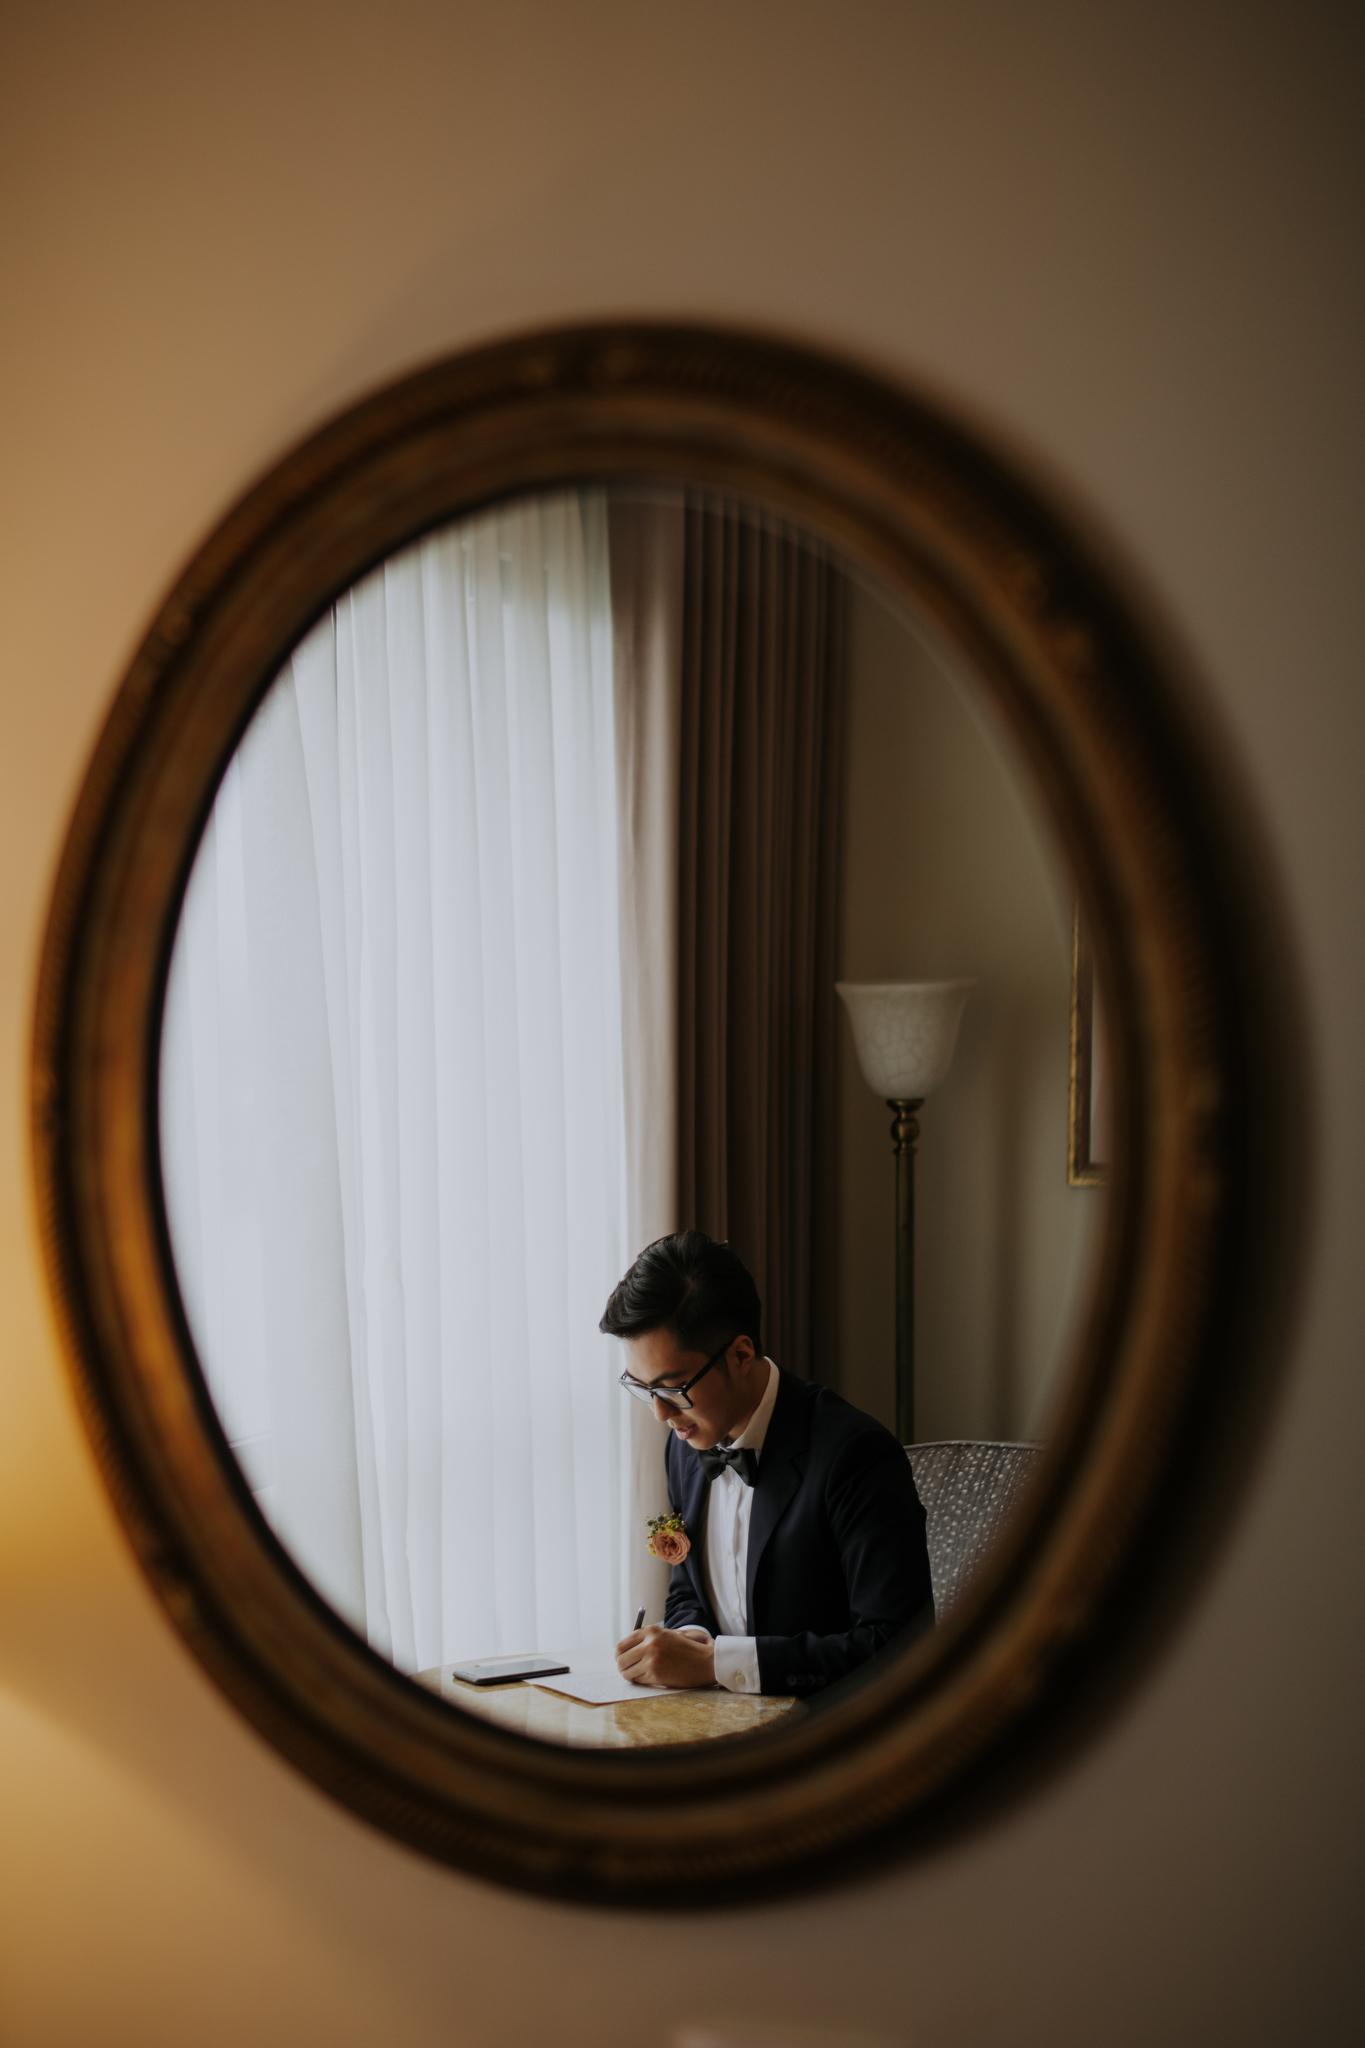 https://huk.s3.amazonaws.com/uploads/image/source/1382/Phuong-Diep-HN-Ceremony-1-0147.JPG